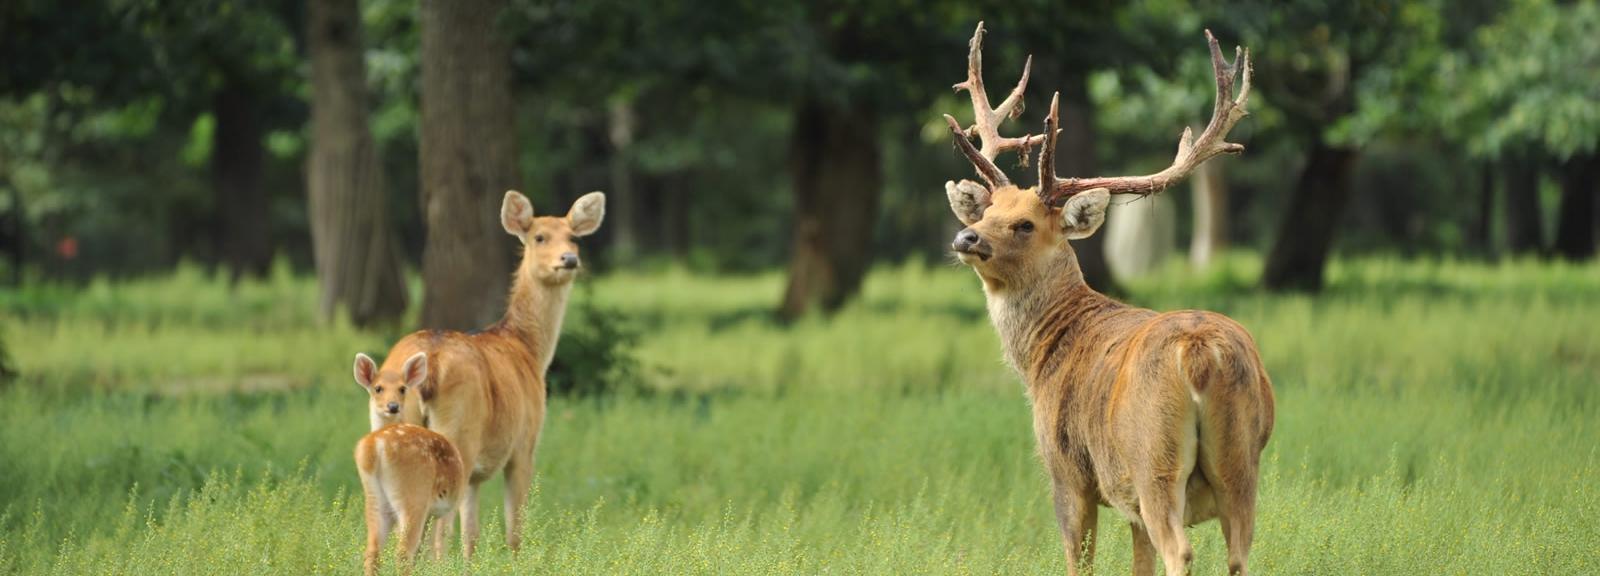 Cerfs de Duvaucel © MNHN - F-G Grandin